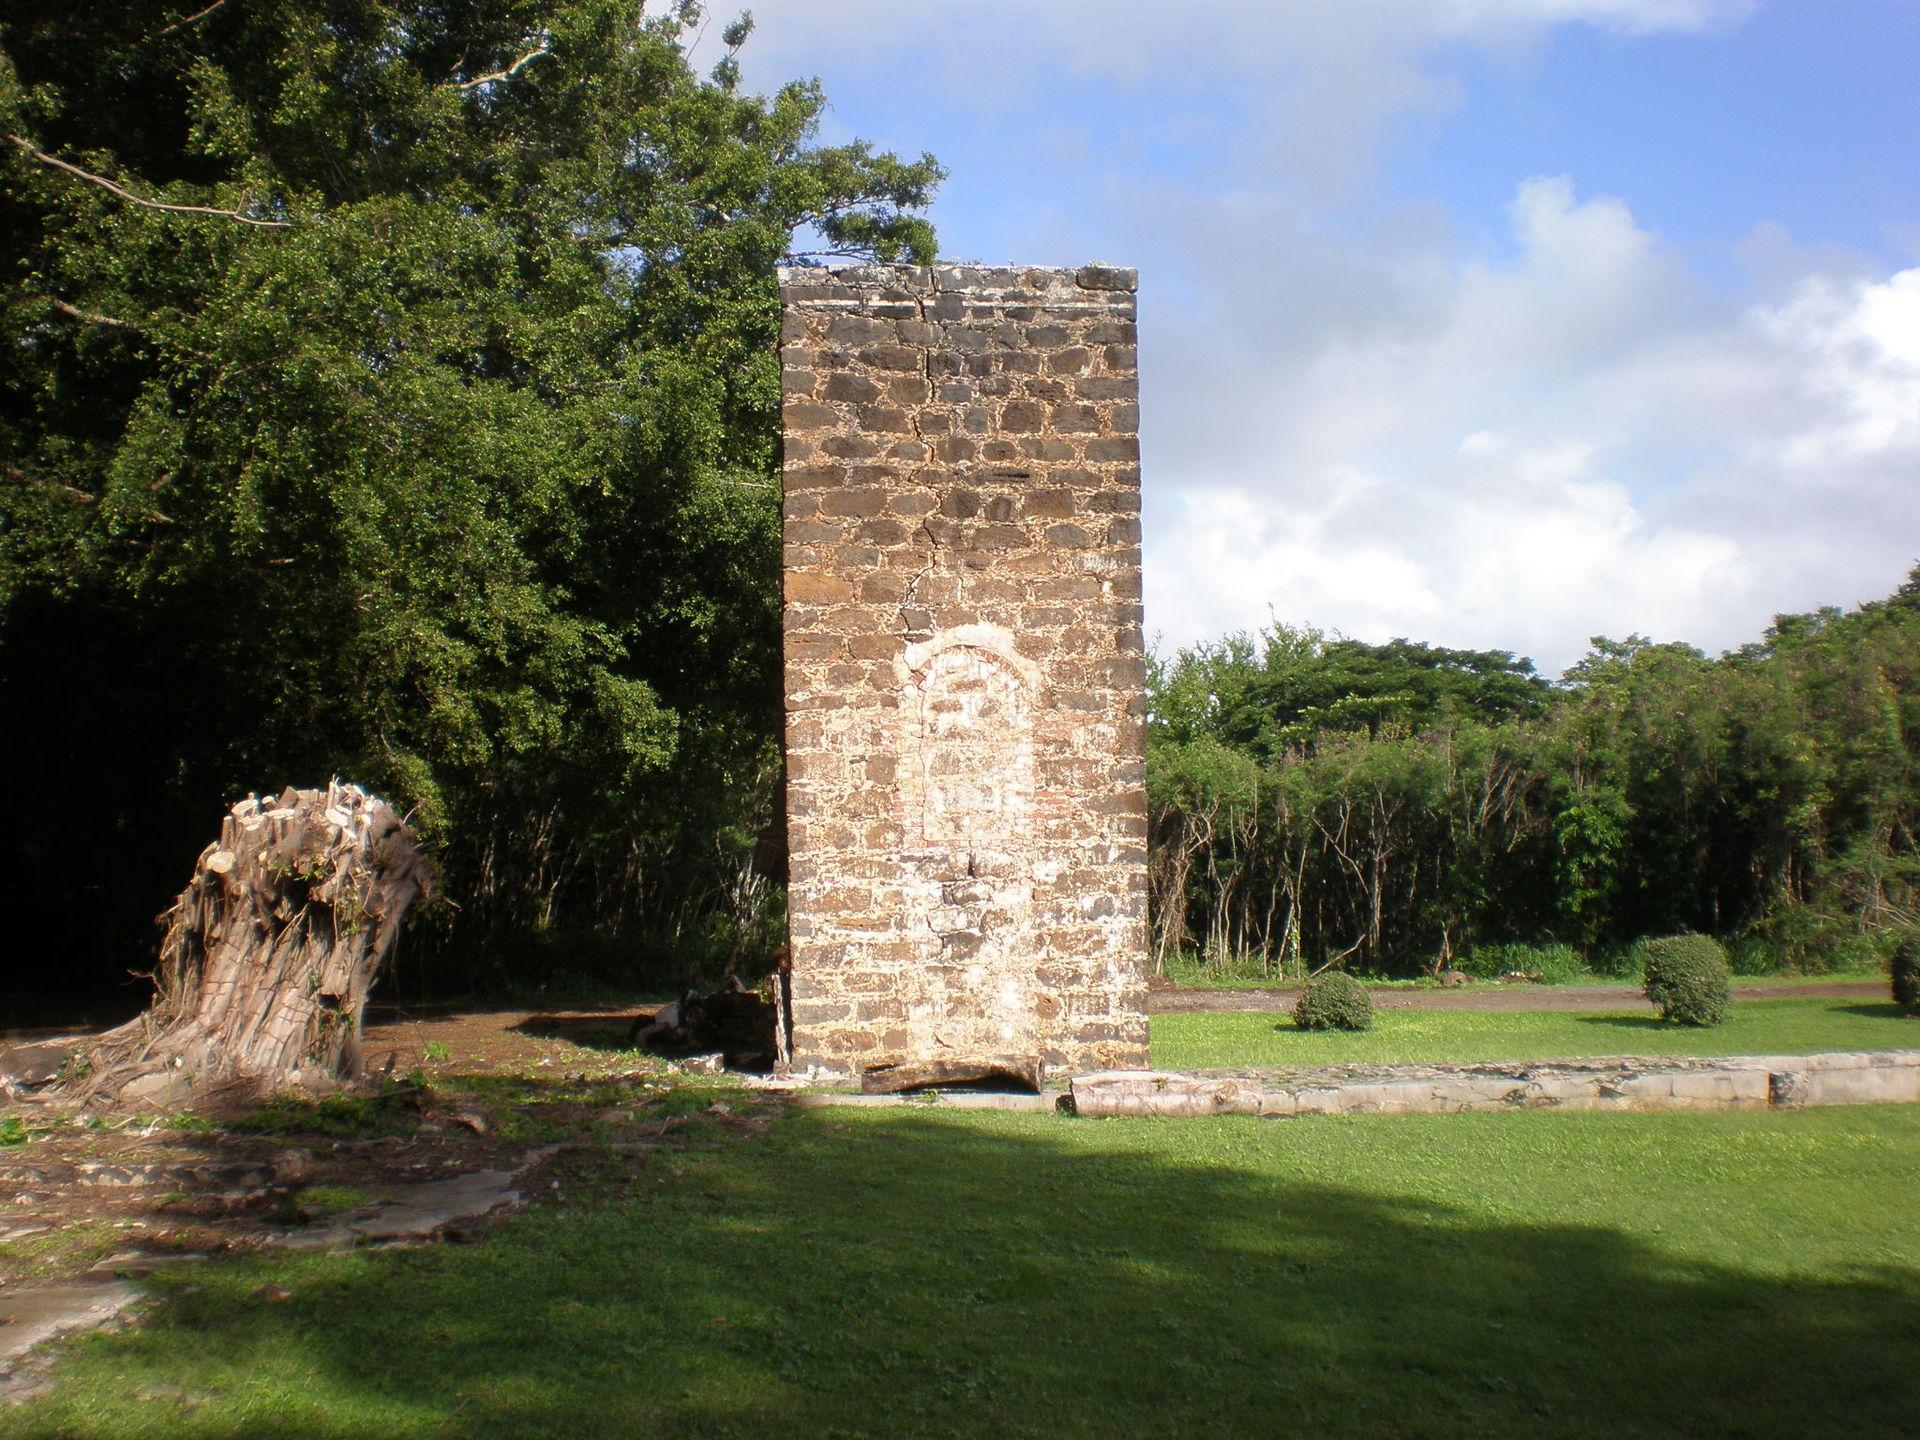 The plantation ruins